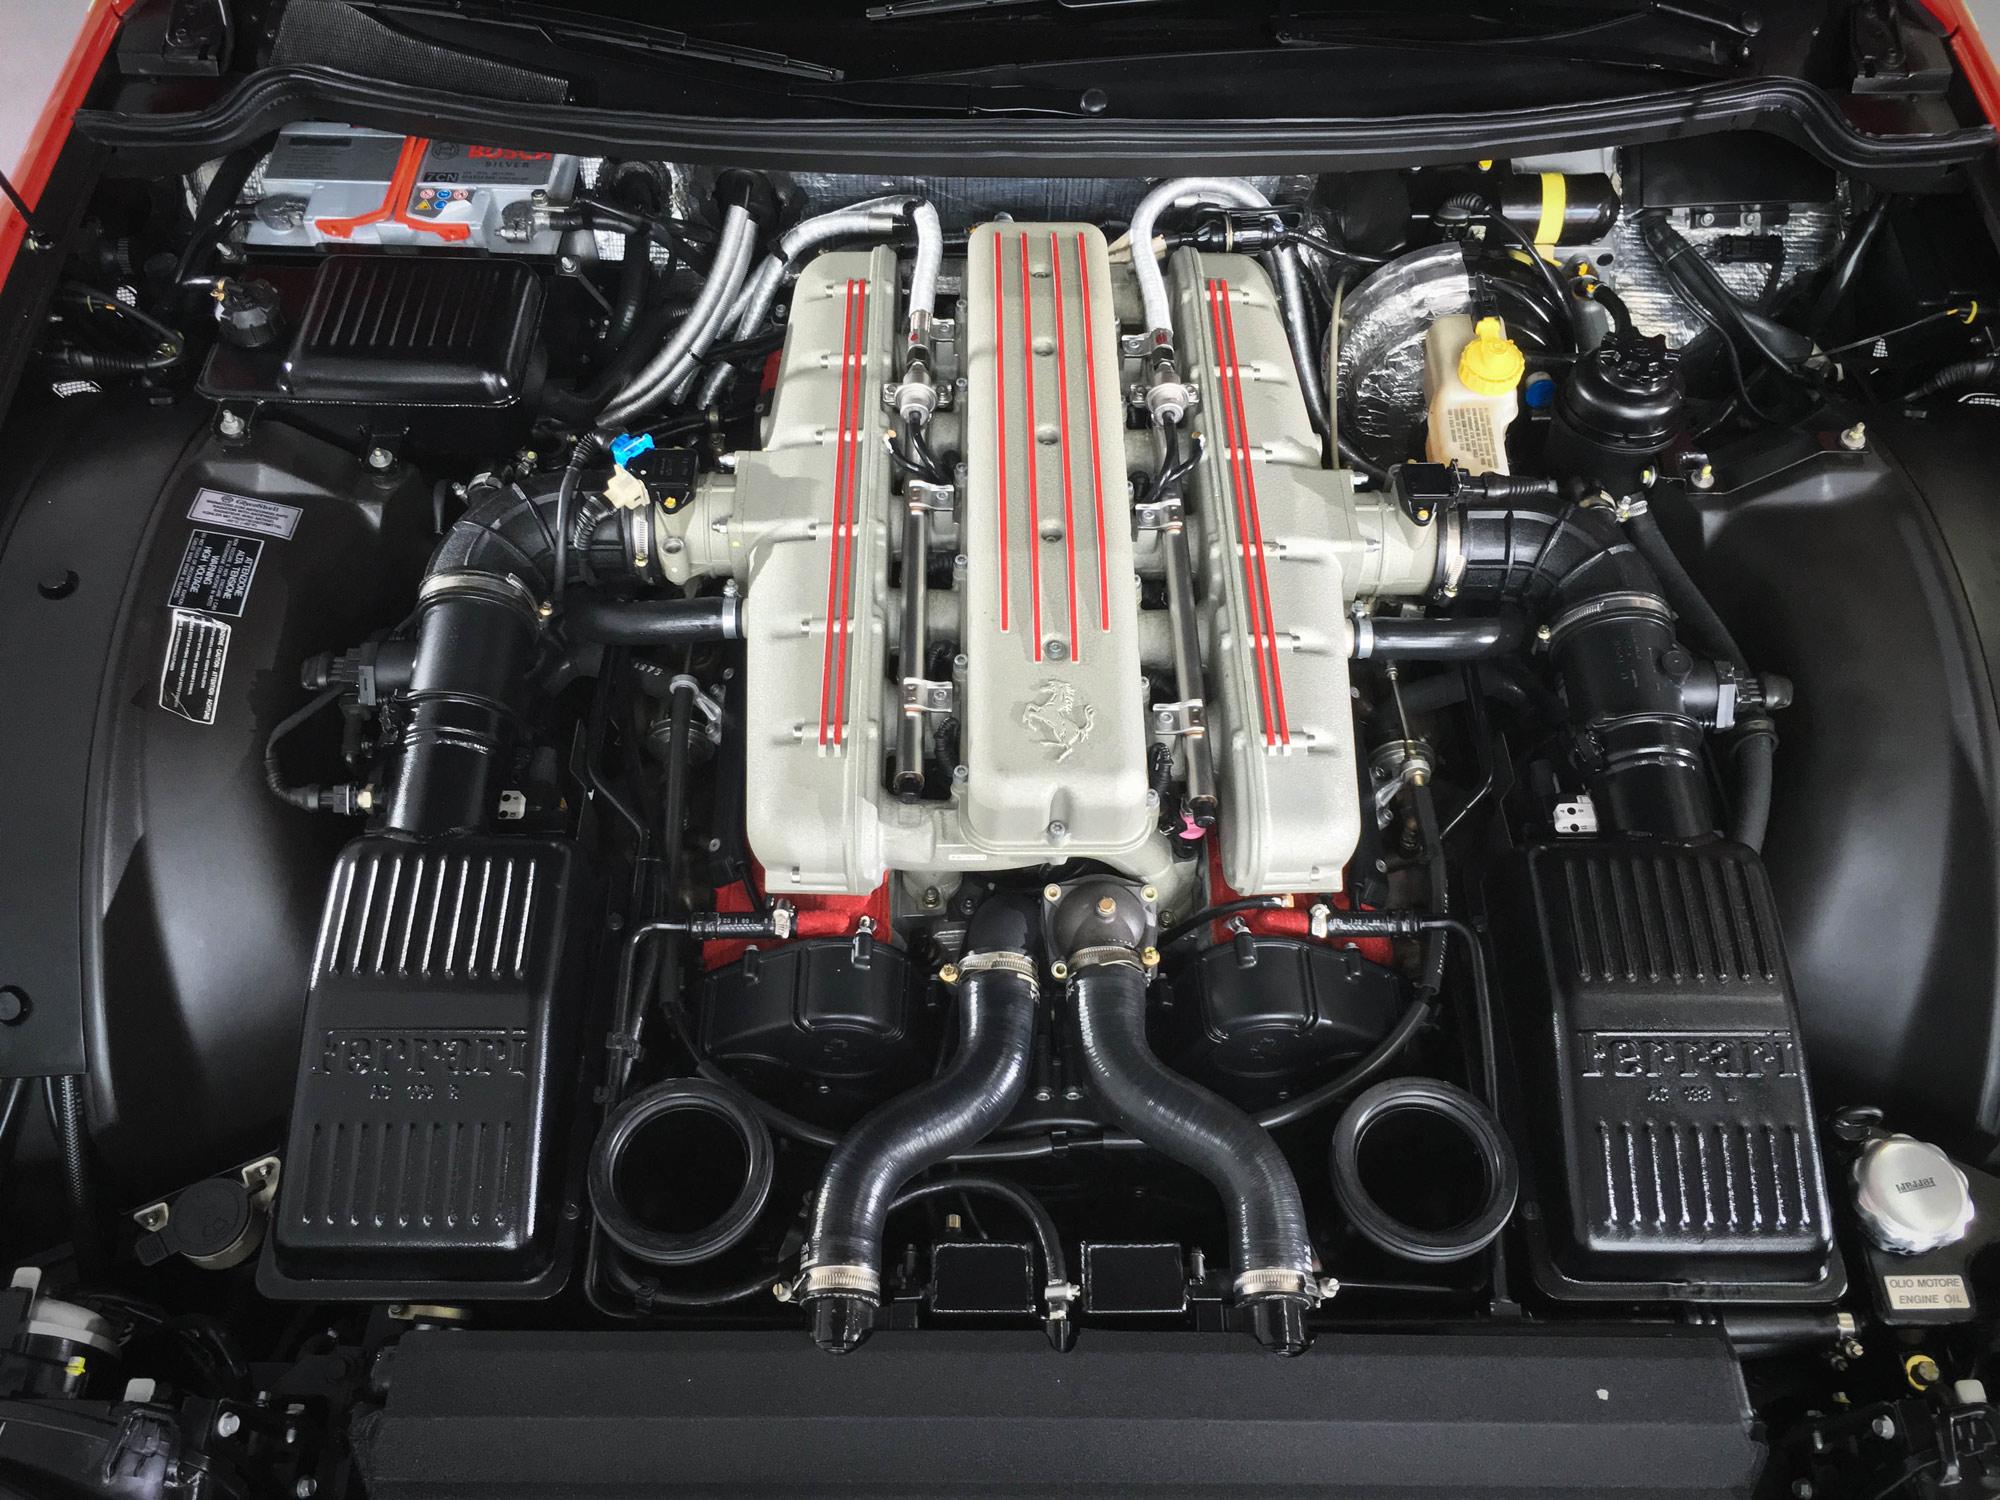 Ferrari_550_Maranello-engine